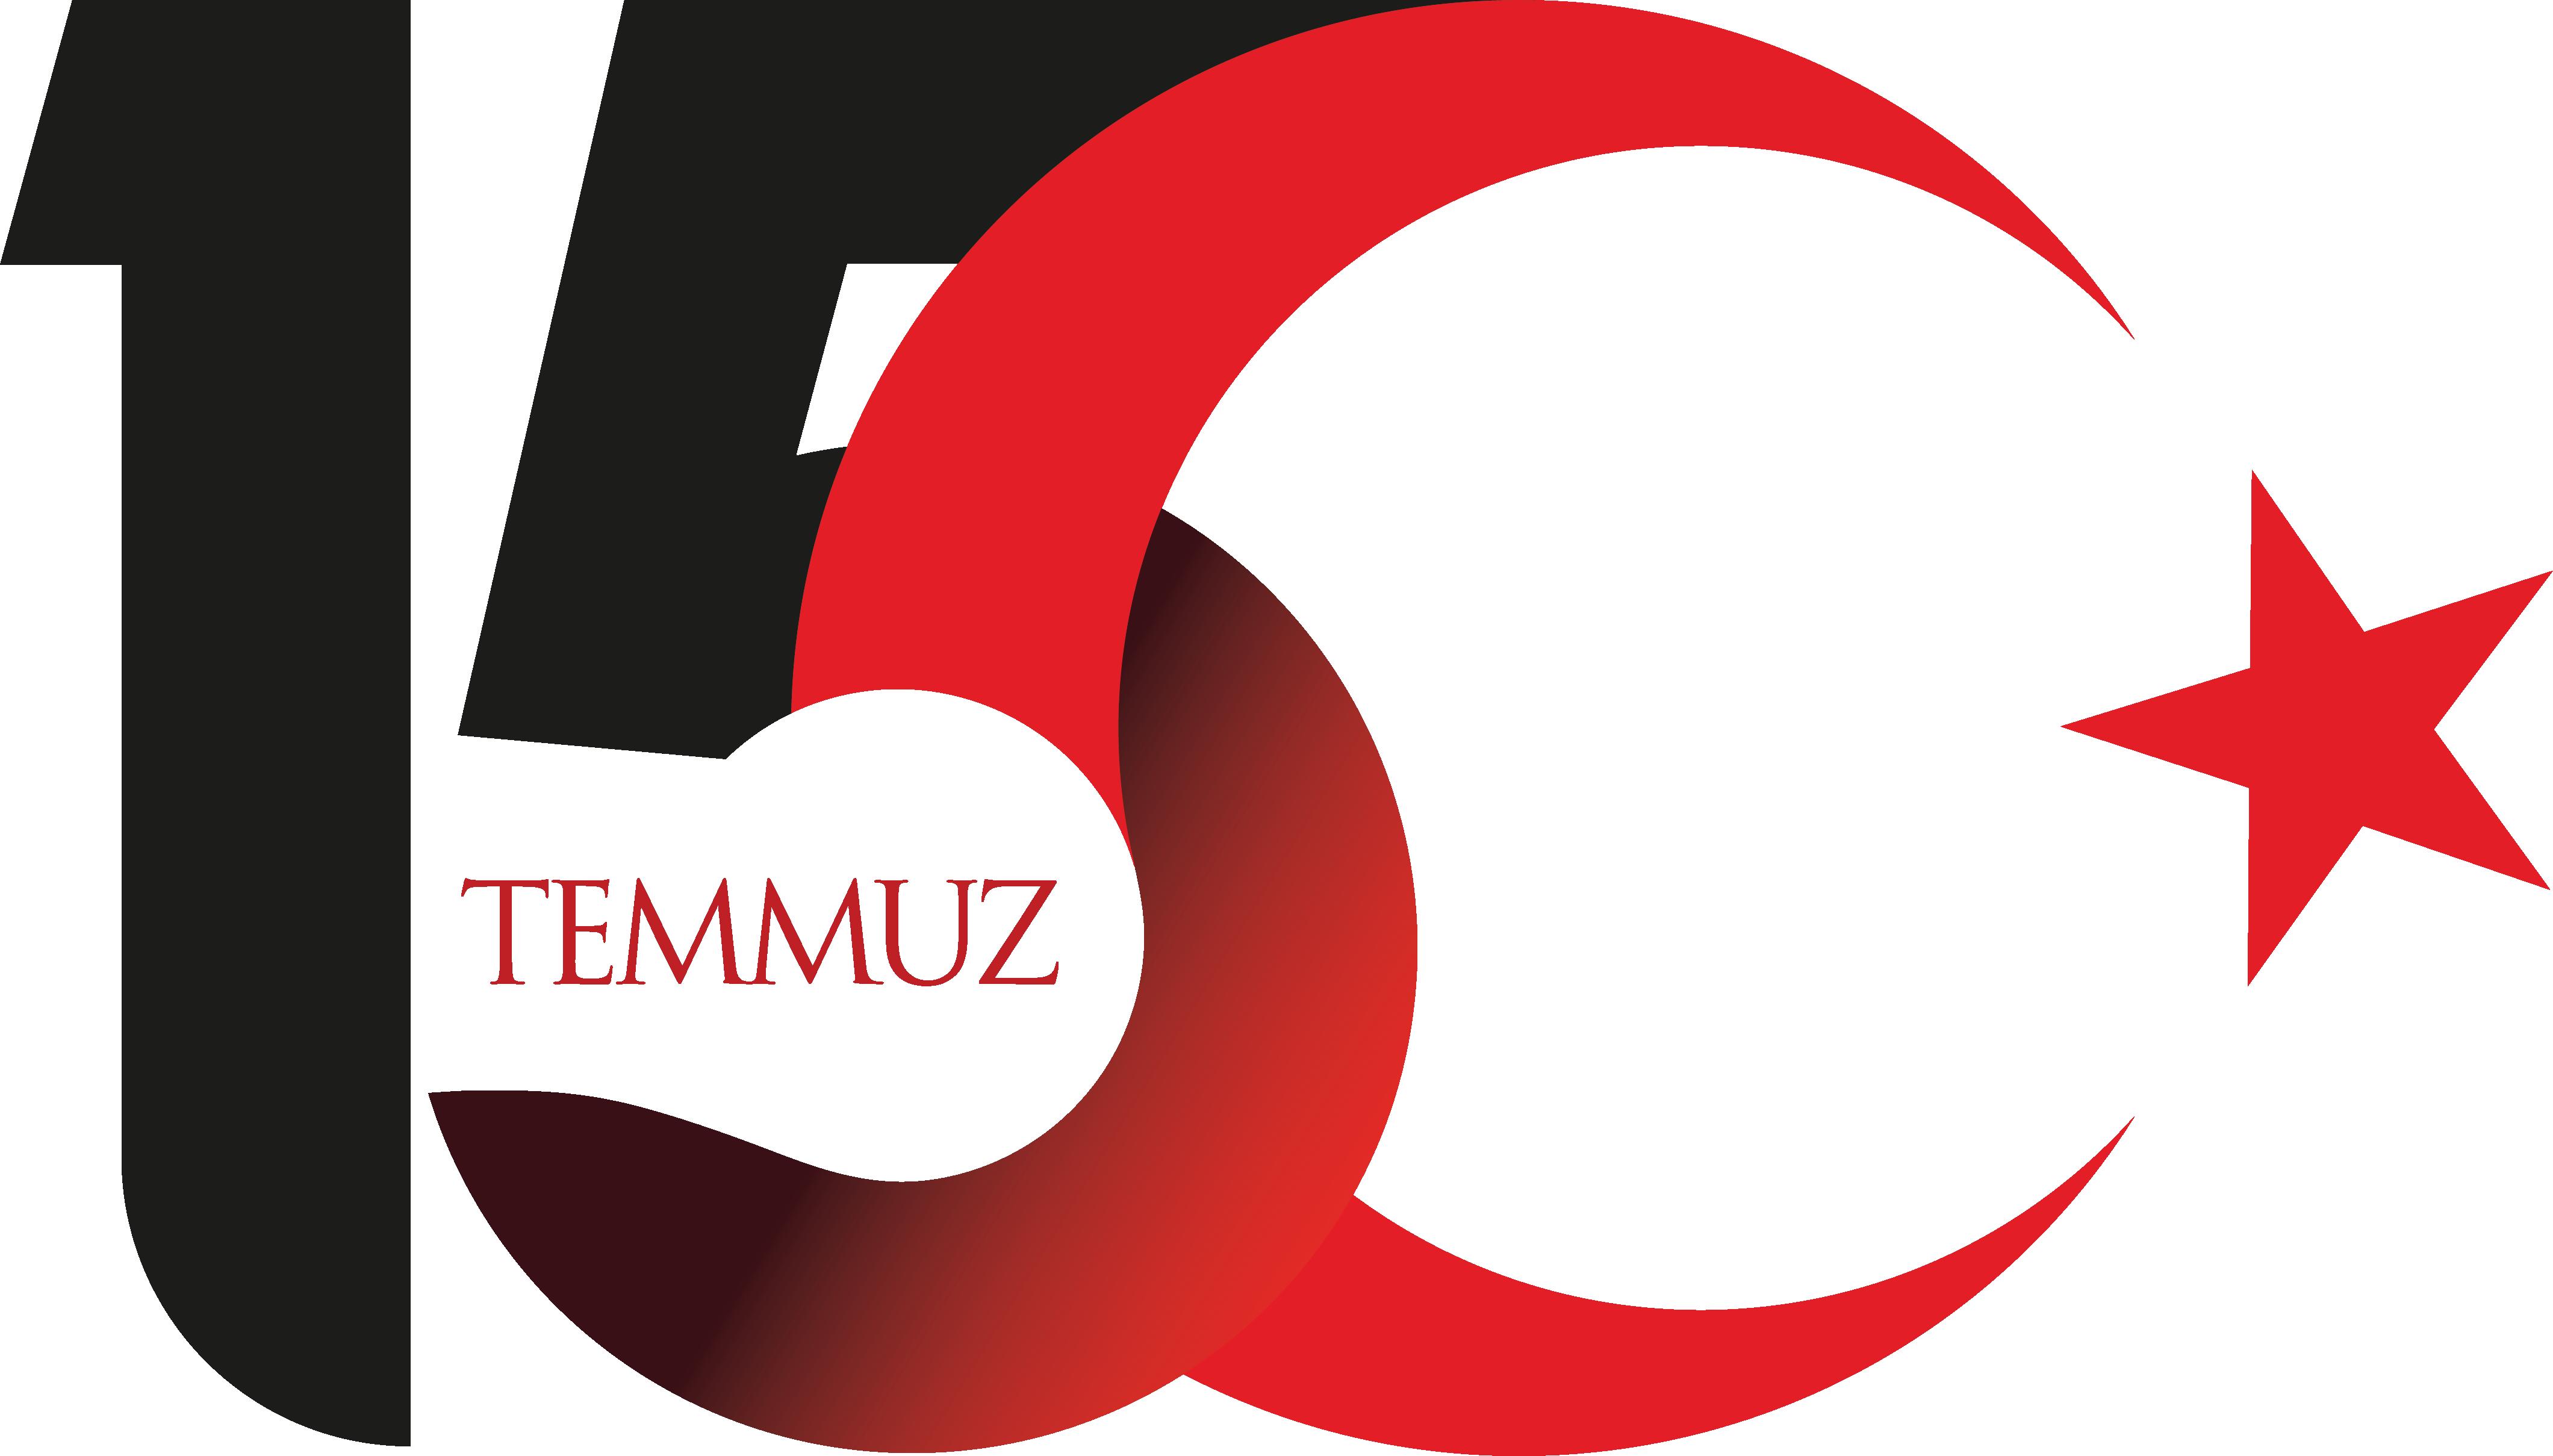 http://www.mugla.gov.tr/kurumlar/mugla.gov.tr/Galeri(1)/duyuru/Duyuru/logo/15temmuzlogoorijinal.png